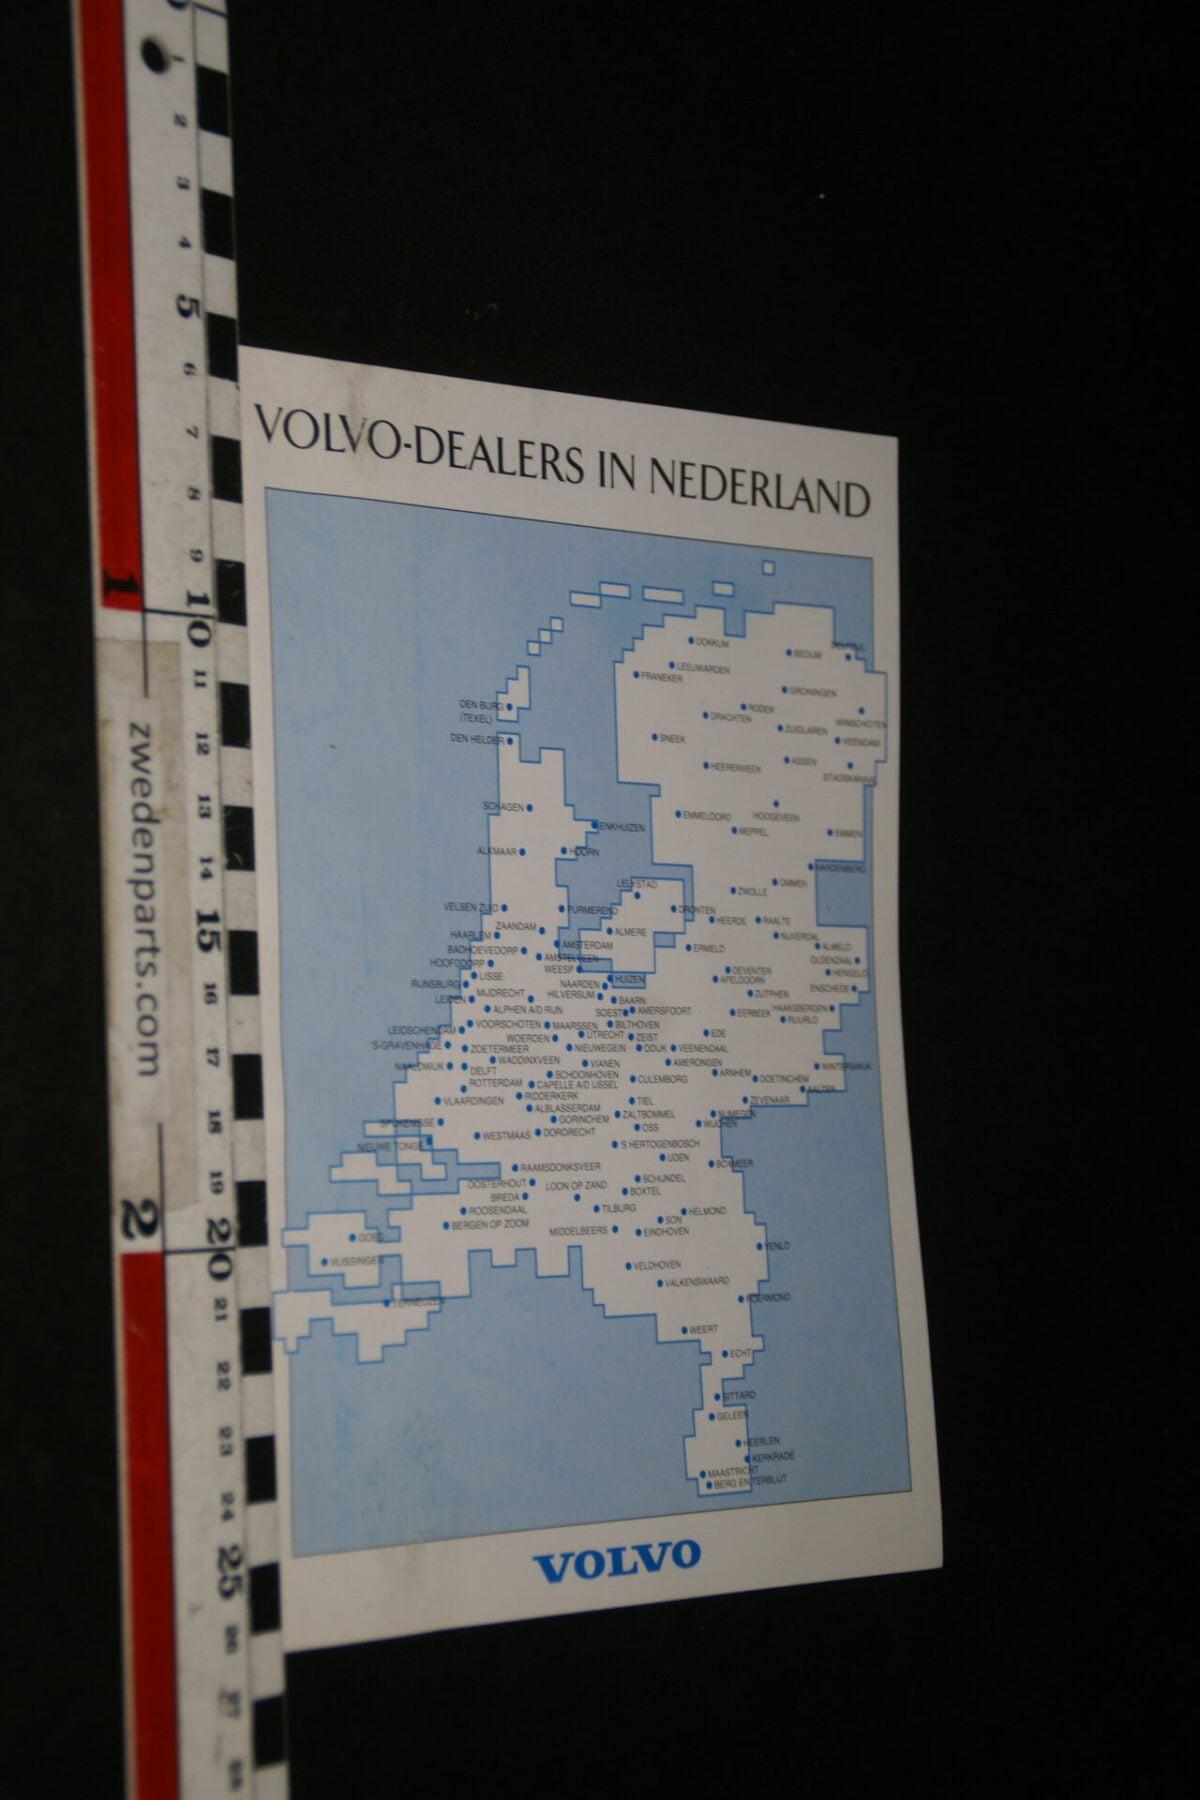 DSC06206 1994 brochure Volvo Dealers in Nederland, nr. 9404-02-b1d58e36